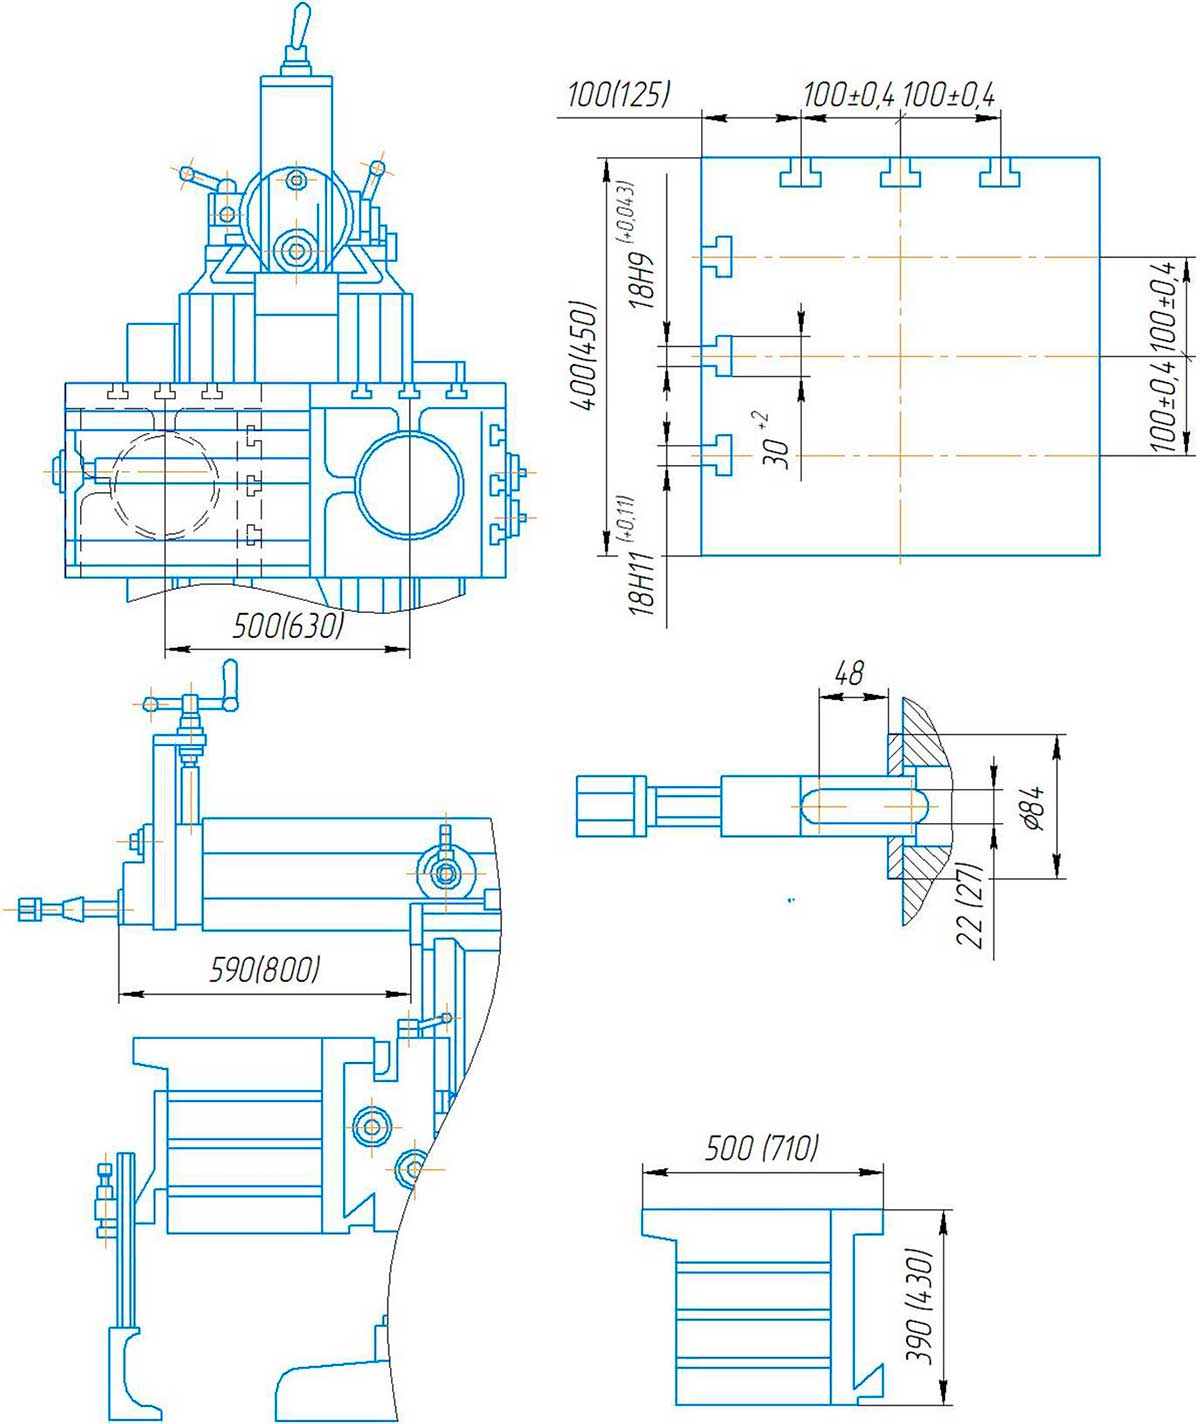 Габаритные размеры поперечно-строгального станка 7307ТД и присоединительные размеры.